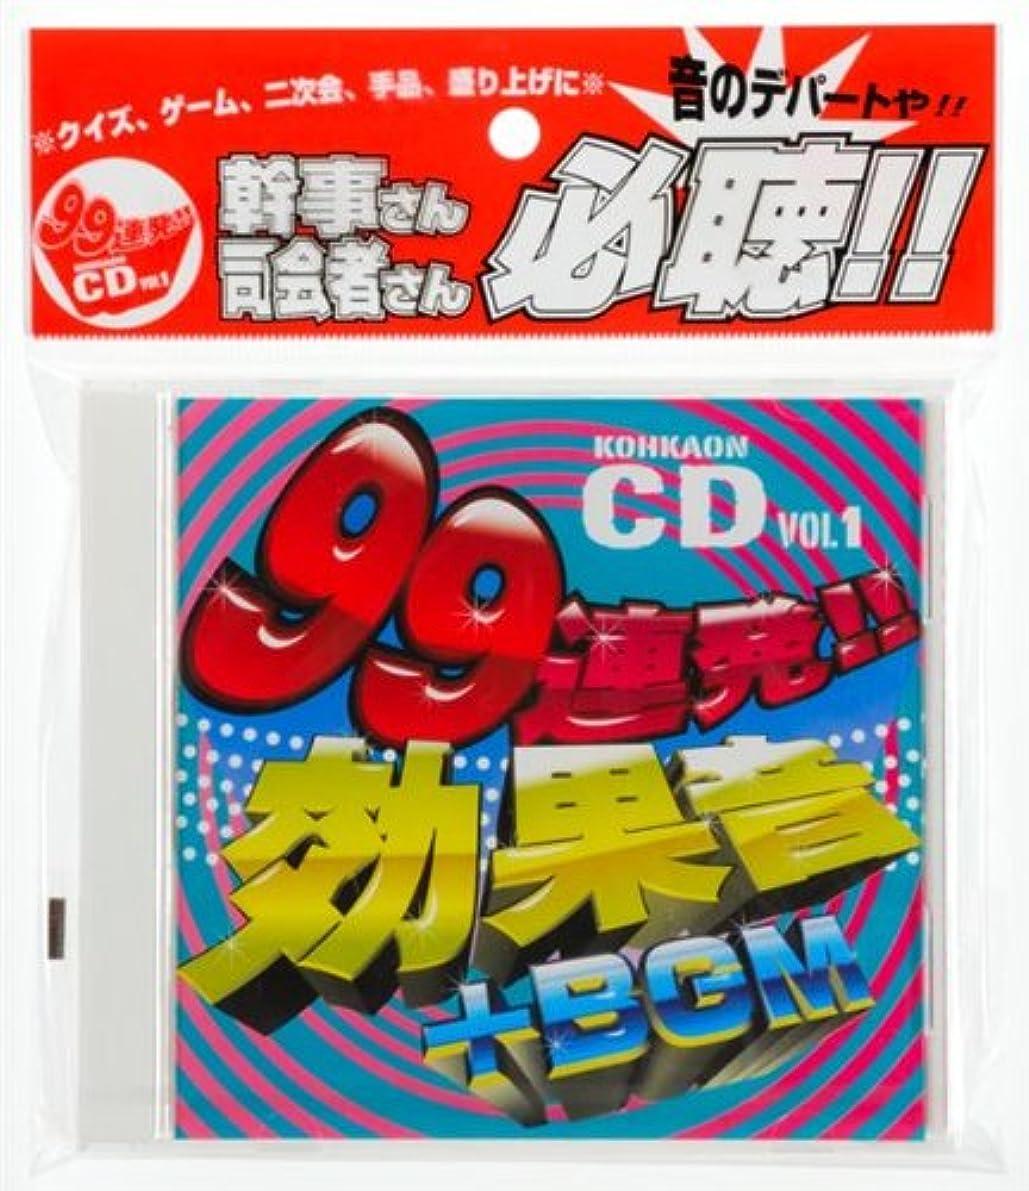 ドループパンフレット値する効果音CD 99連発